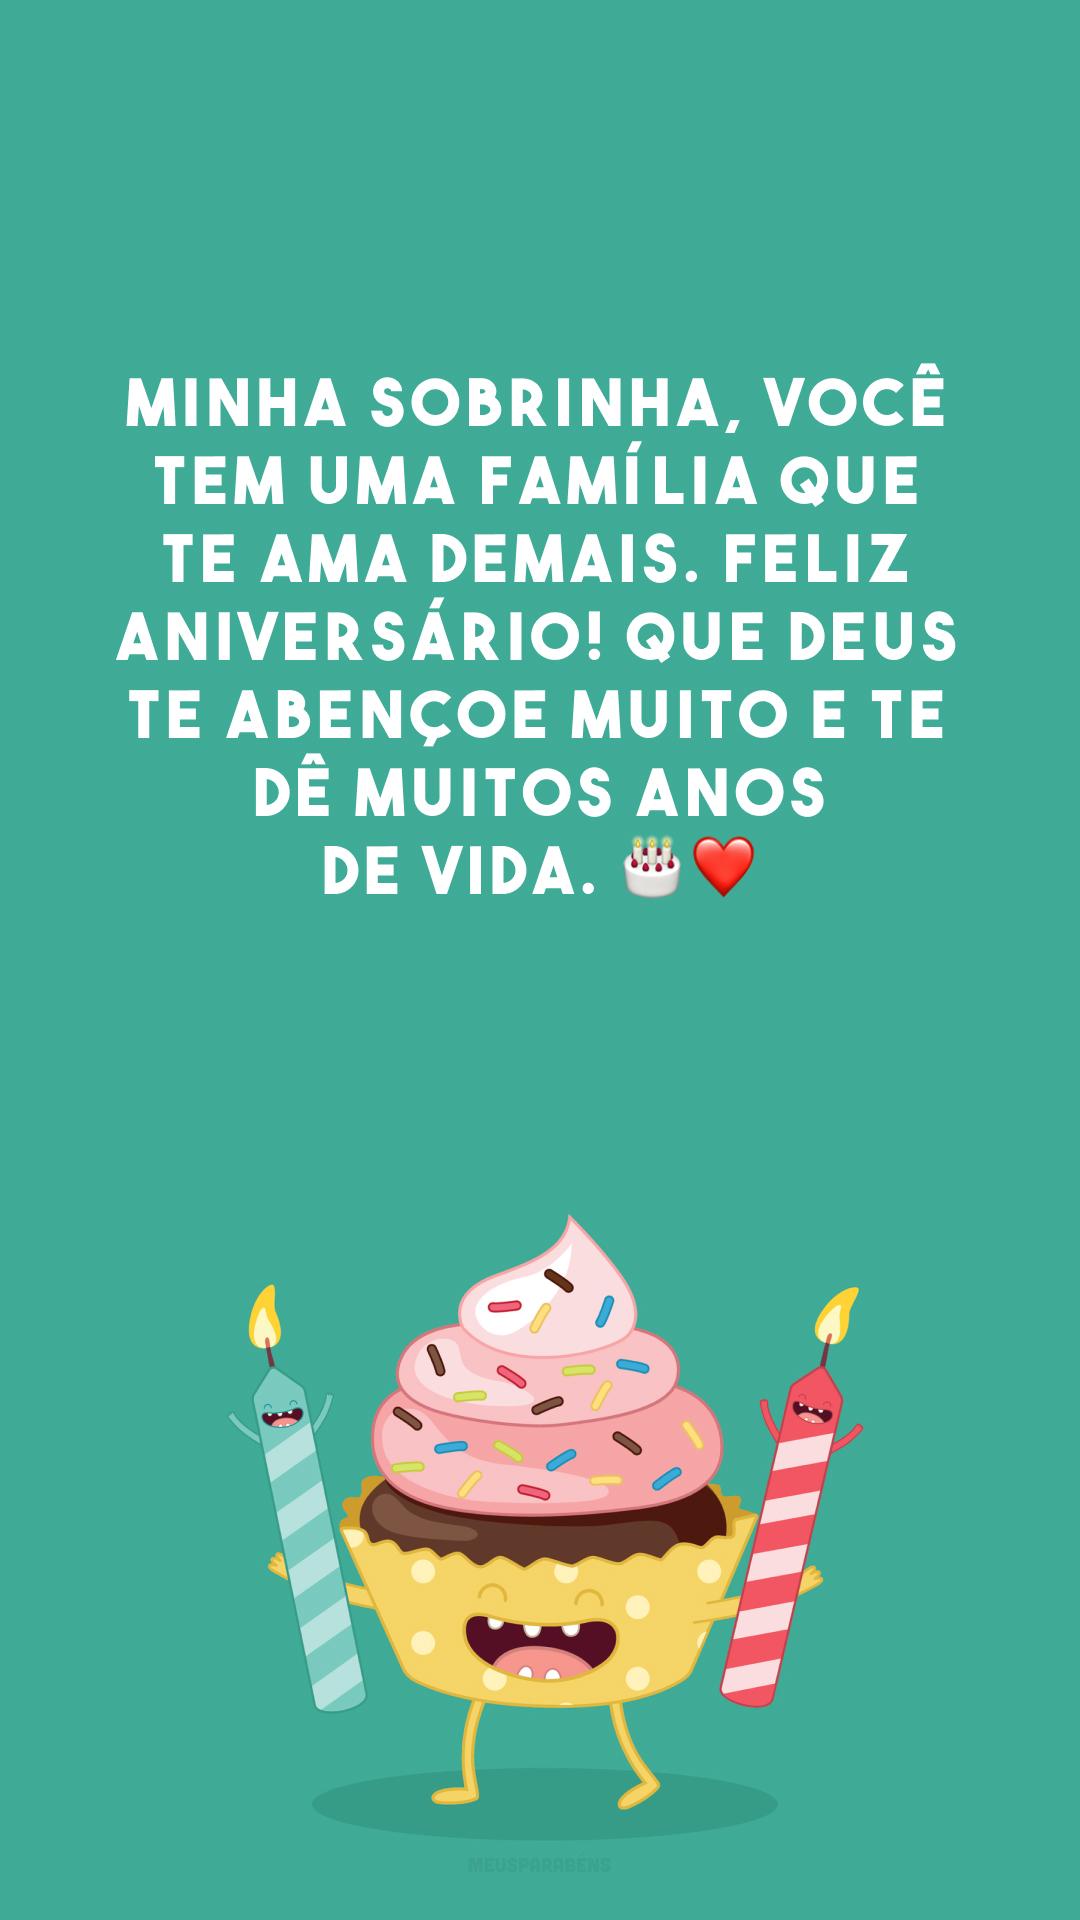 Minha sobrinha, você tem uma família que te ama demais. Feliz aniversário! Que Deus te abençoe muito e te dê muitos anos de vida. 🎂❤